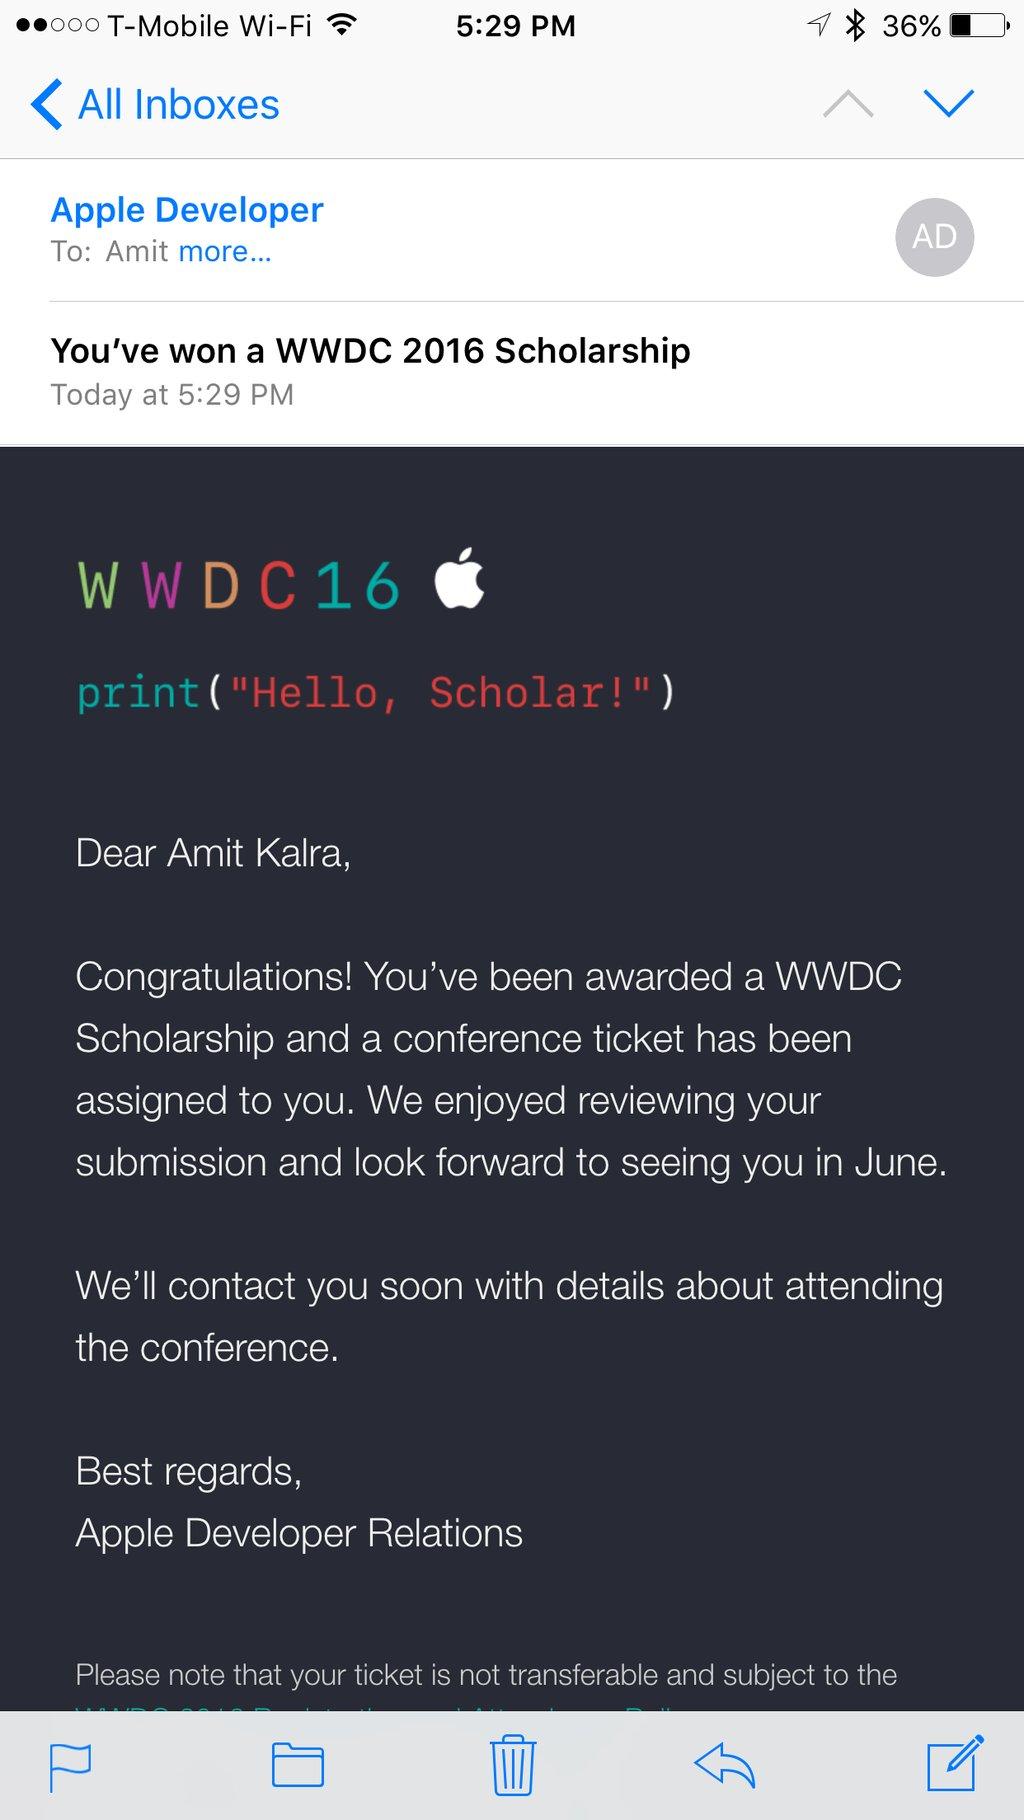 wwdc_ticket_stipendium2016